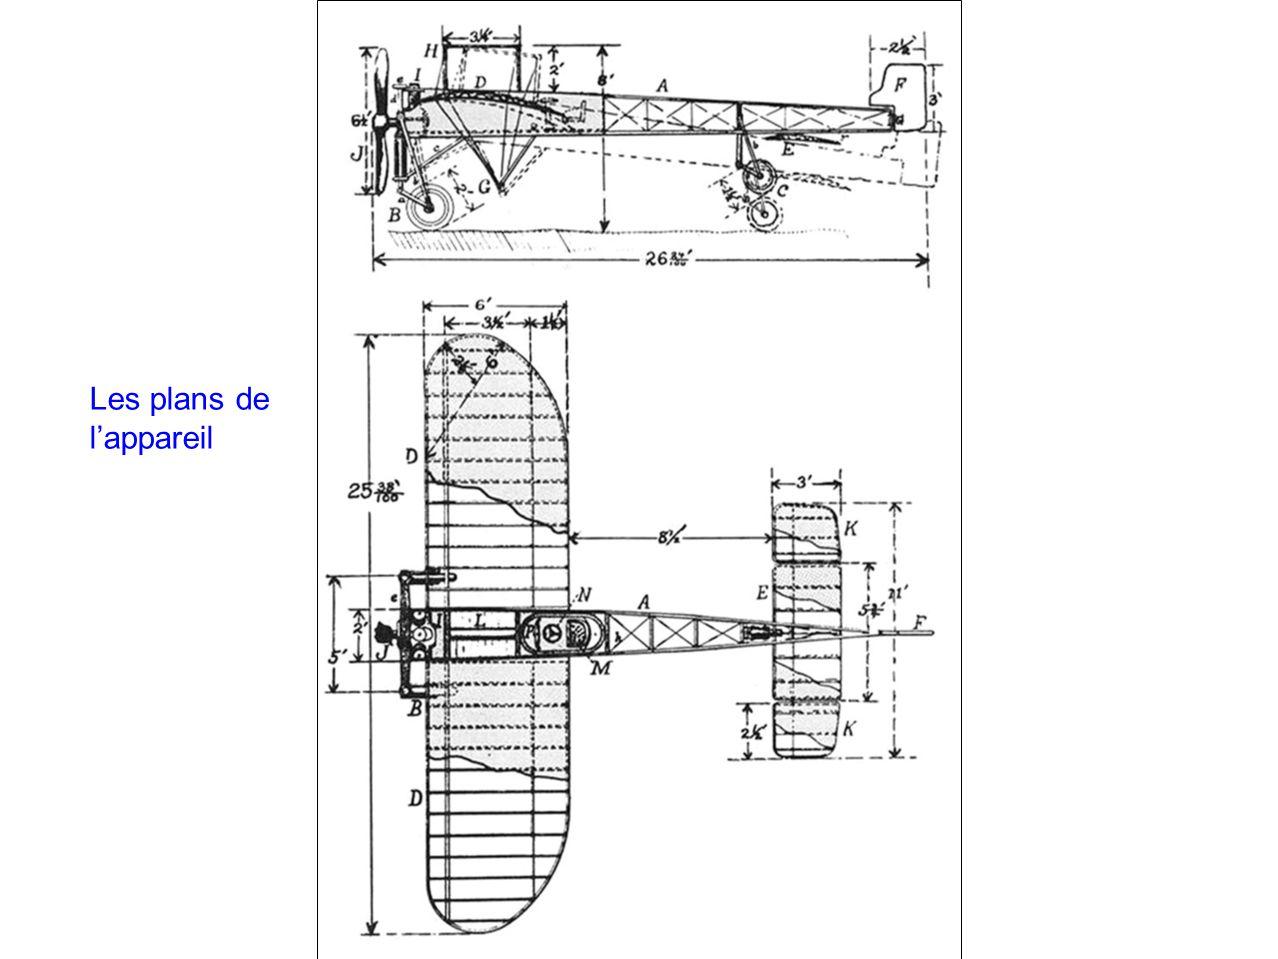 Les plans de l'appareil